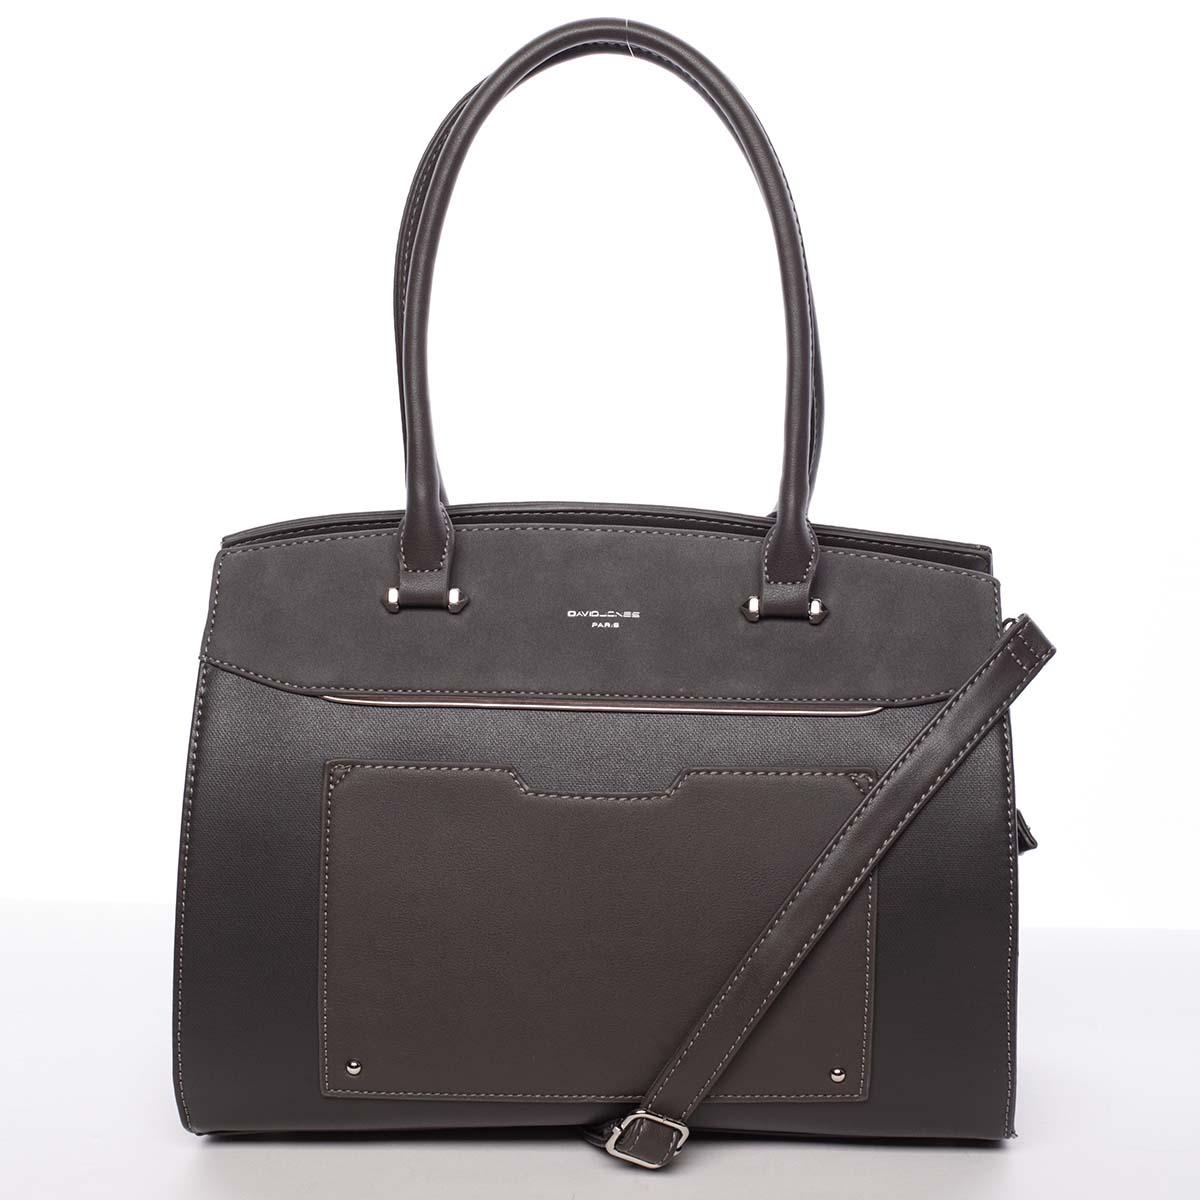 Jedinečná dámská tmavě šedá kabelka - David Jones Hazel šedá